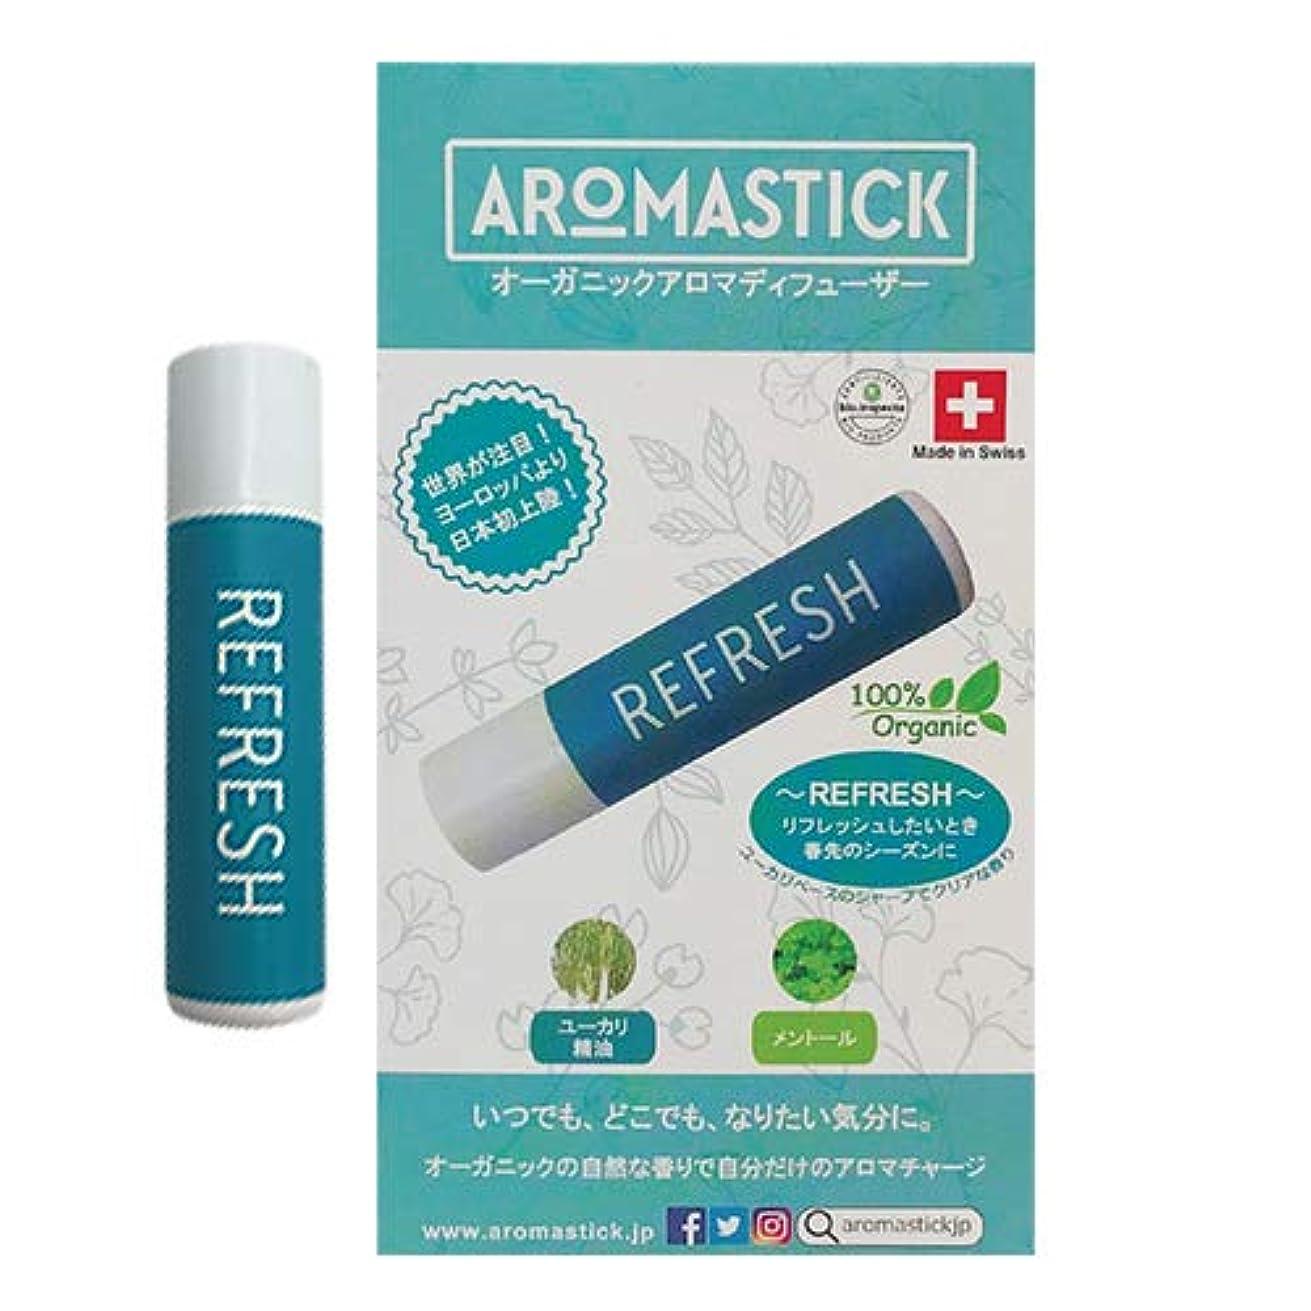 手首ステーキ影のあるオーガニックアロマディフューザー アロマスティック(aromastick) リフレッシュ [REFRESH]